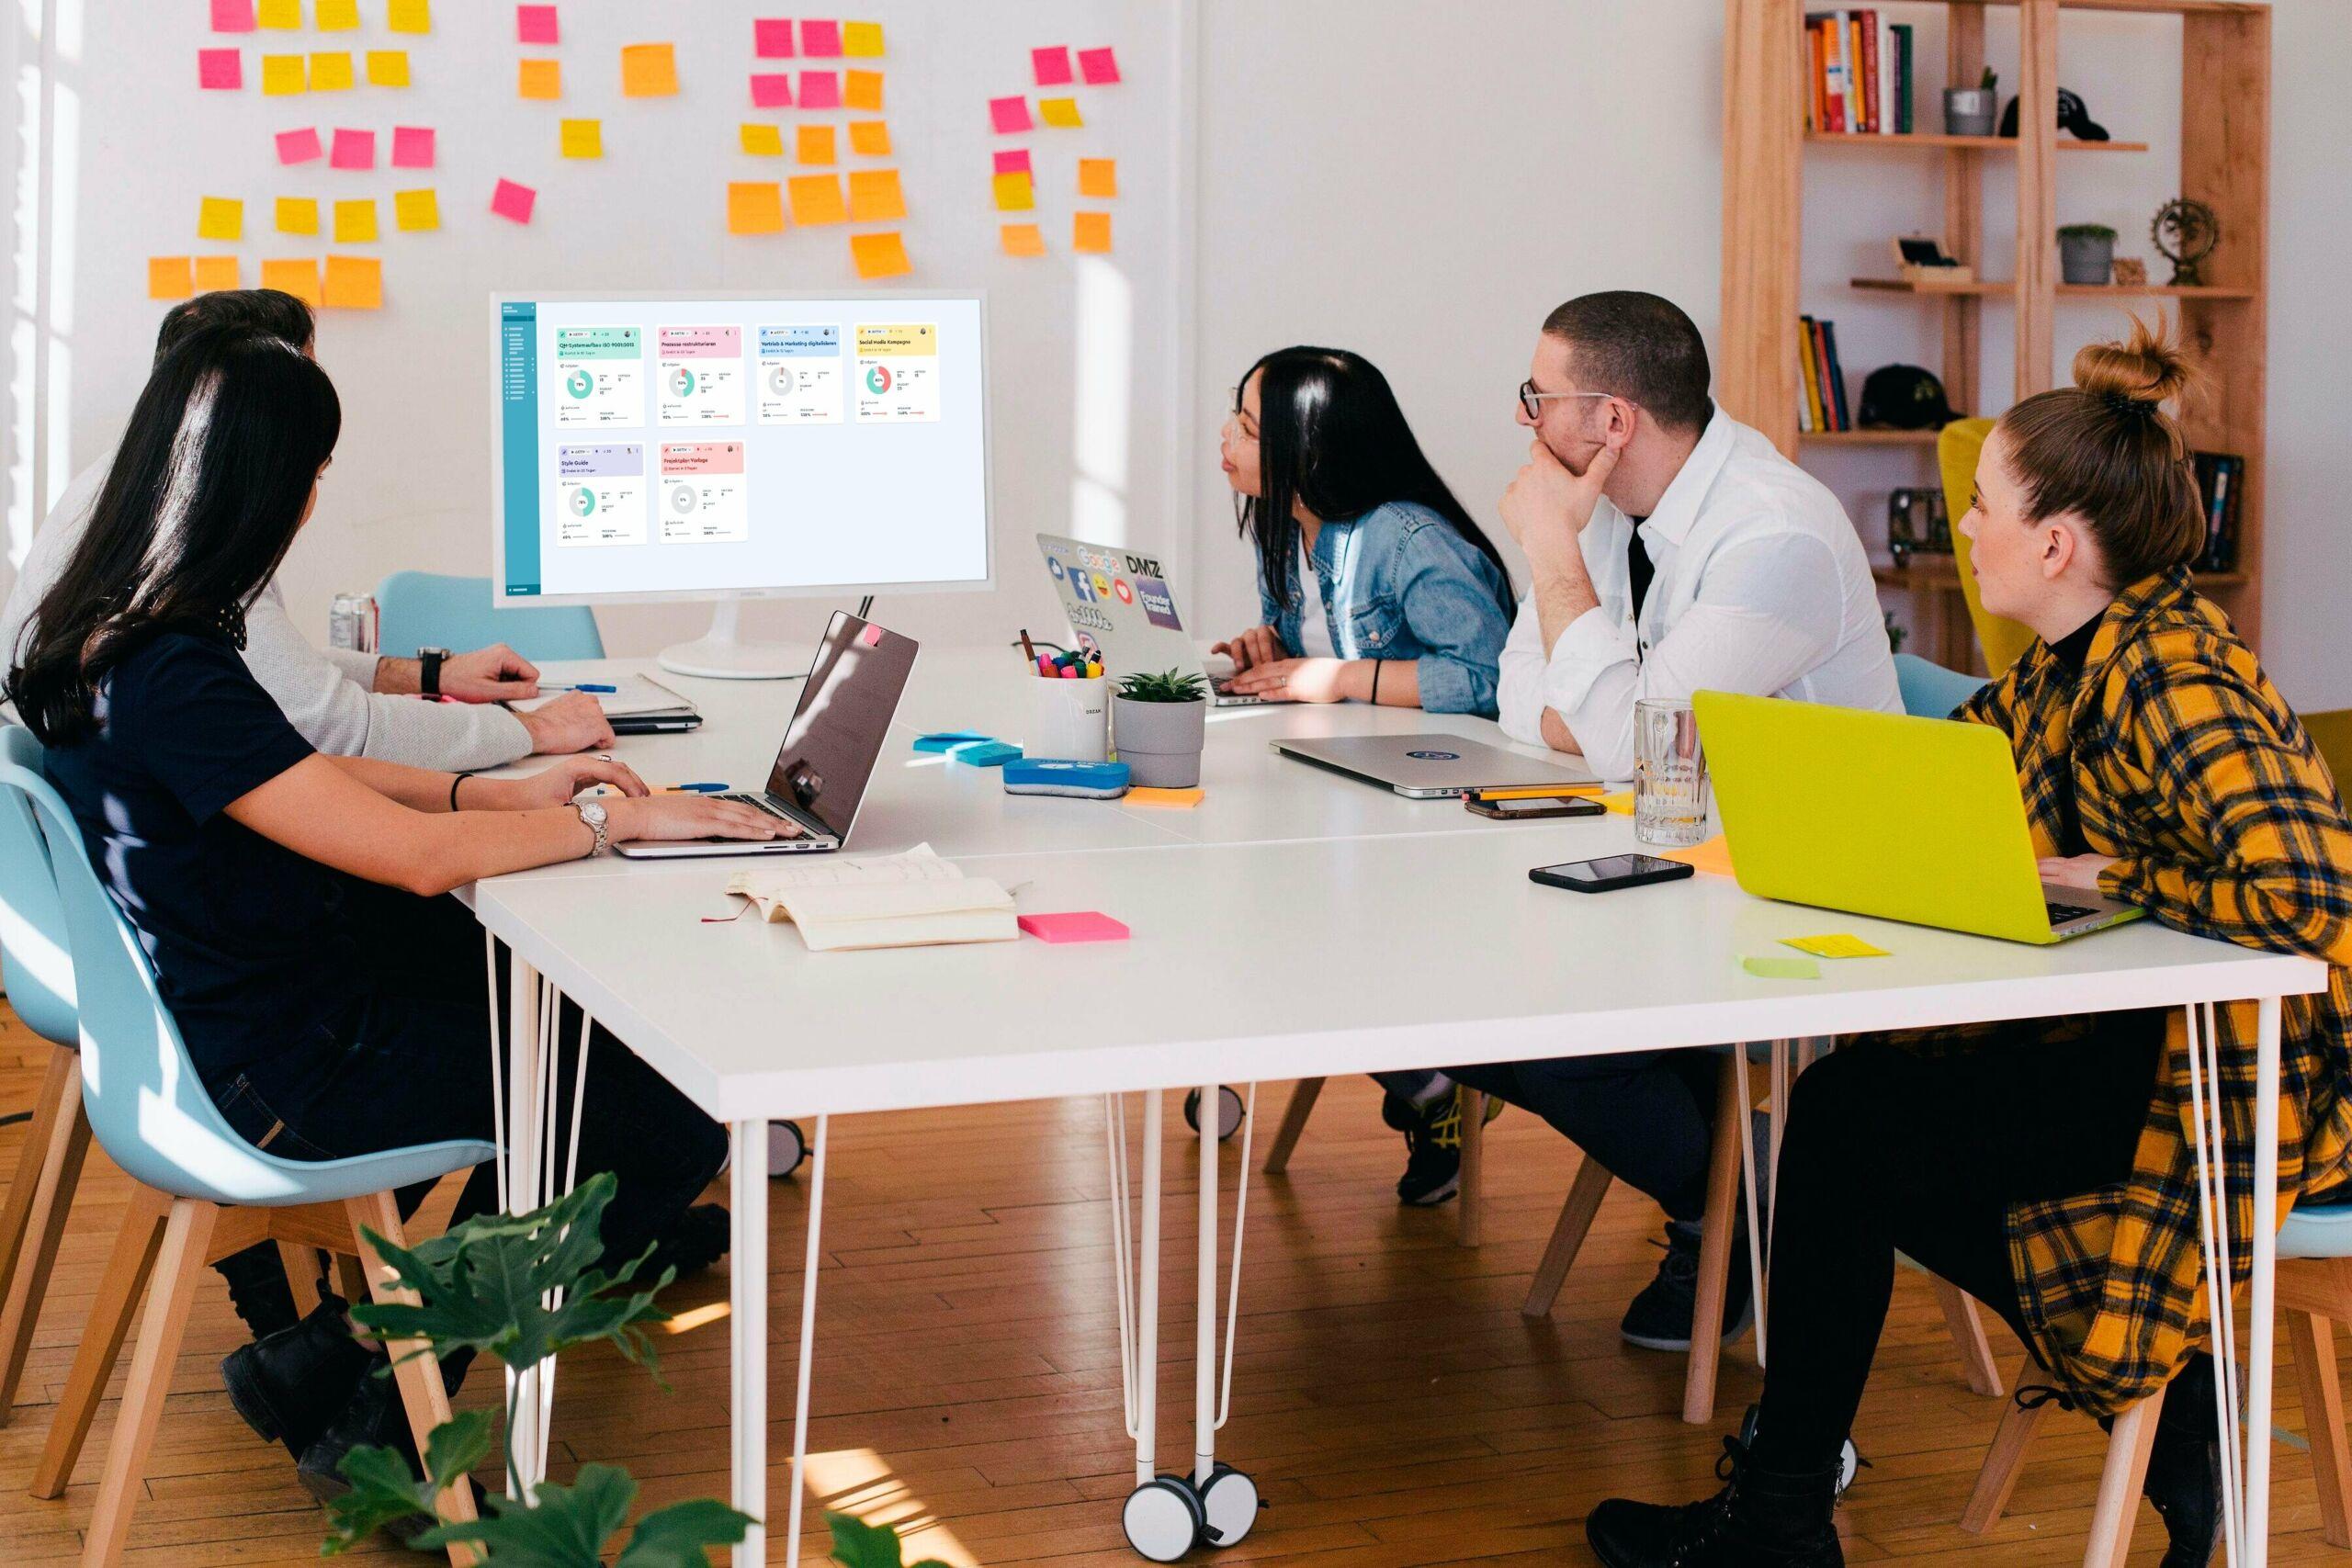 Projektteam sitzt am Schreibtisch und schaut auf einen Beamer